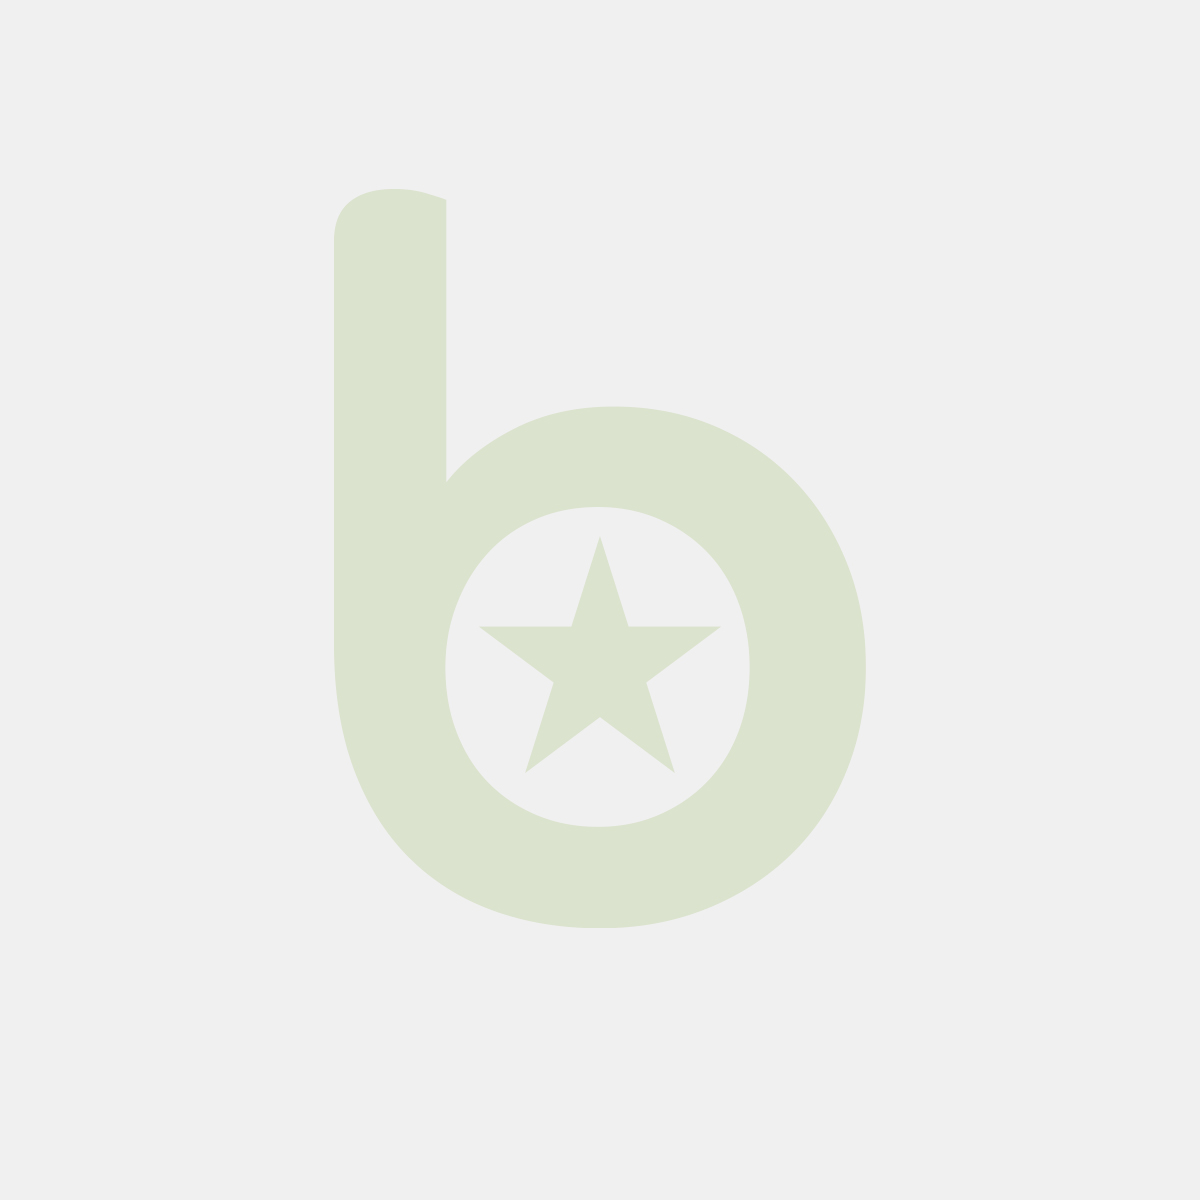 Serwetki PAPSTAR Royal Collection Casali 40x40 nektarine opakowanie 50szt